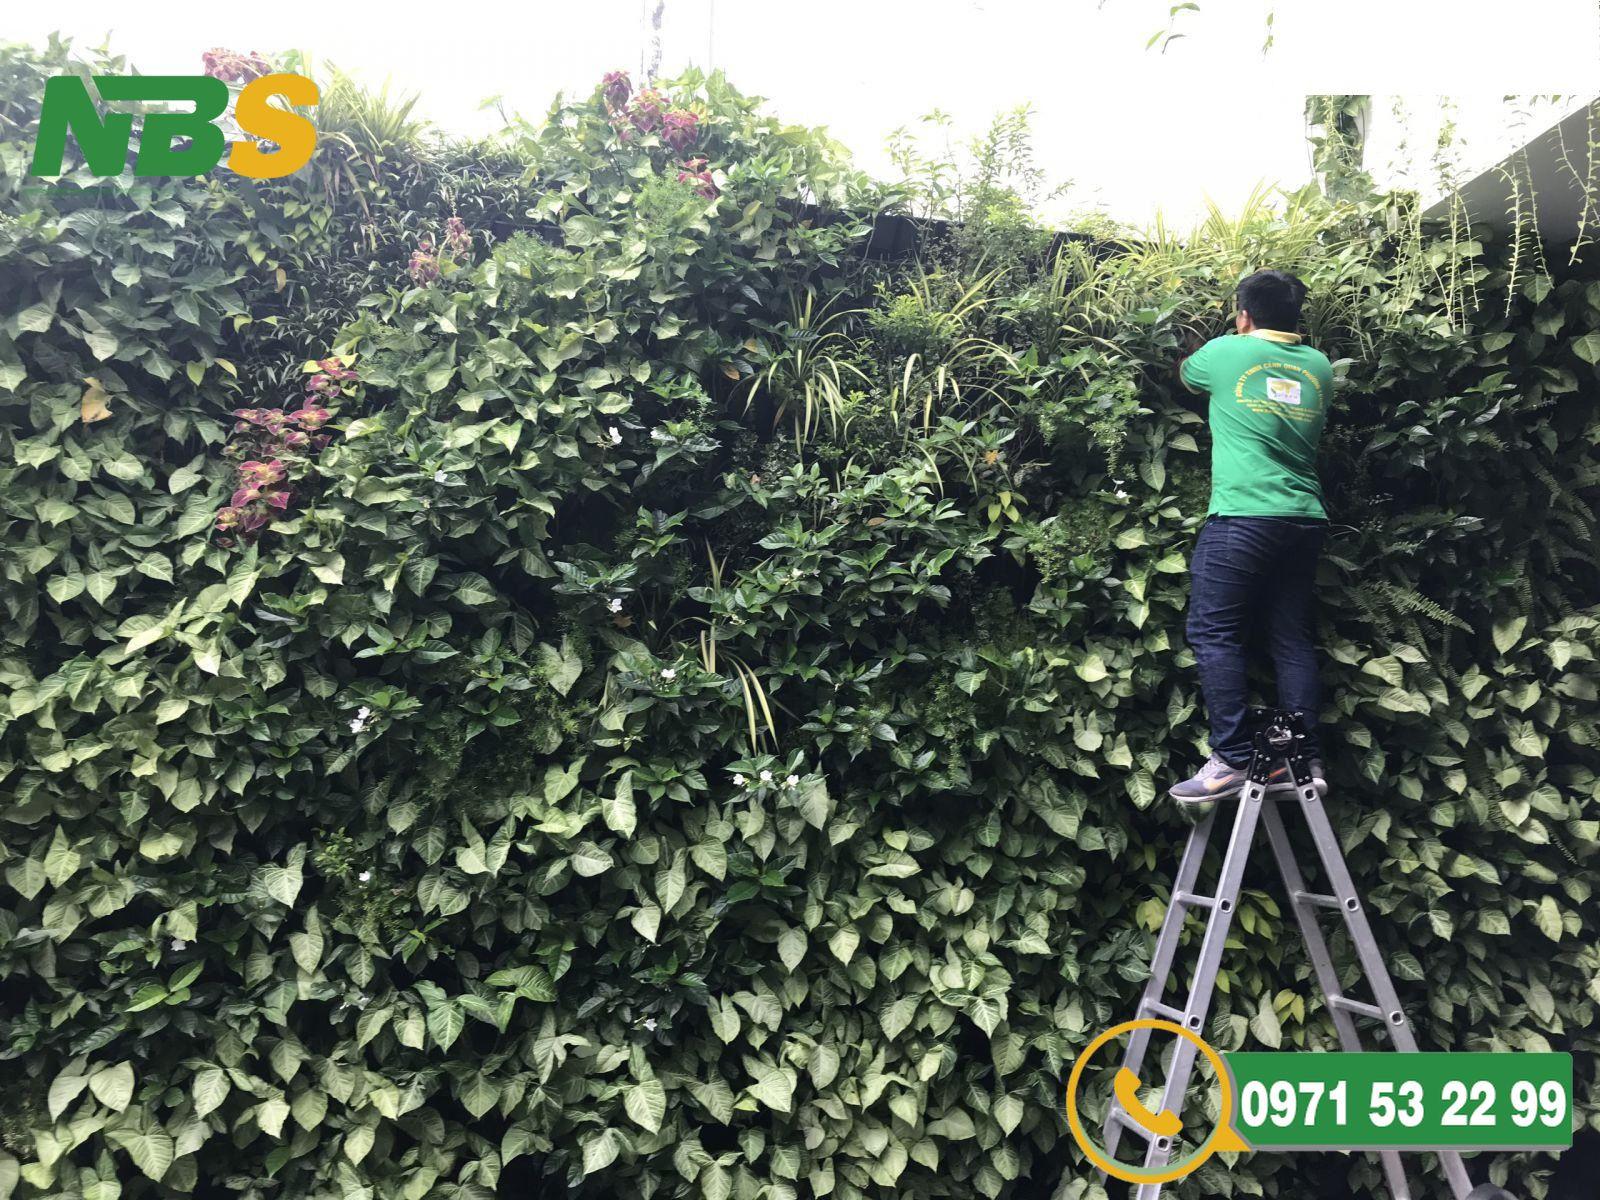 NBS là đơn vị chuyên thiết kế thi công tường cây xanh tại Hà Nội